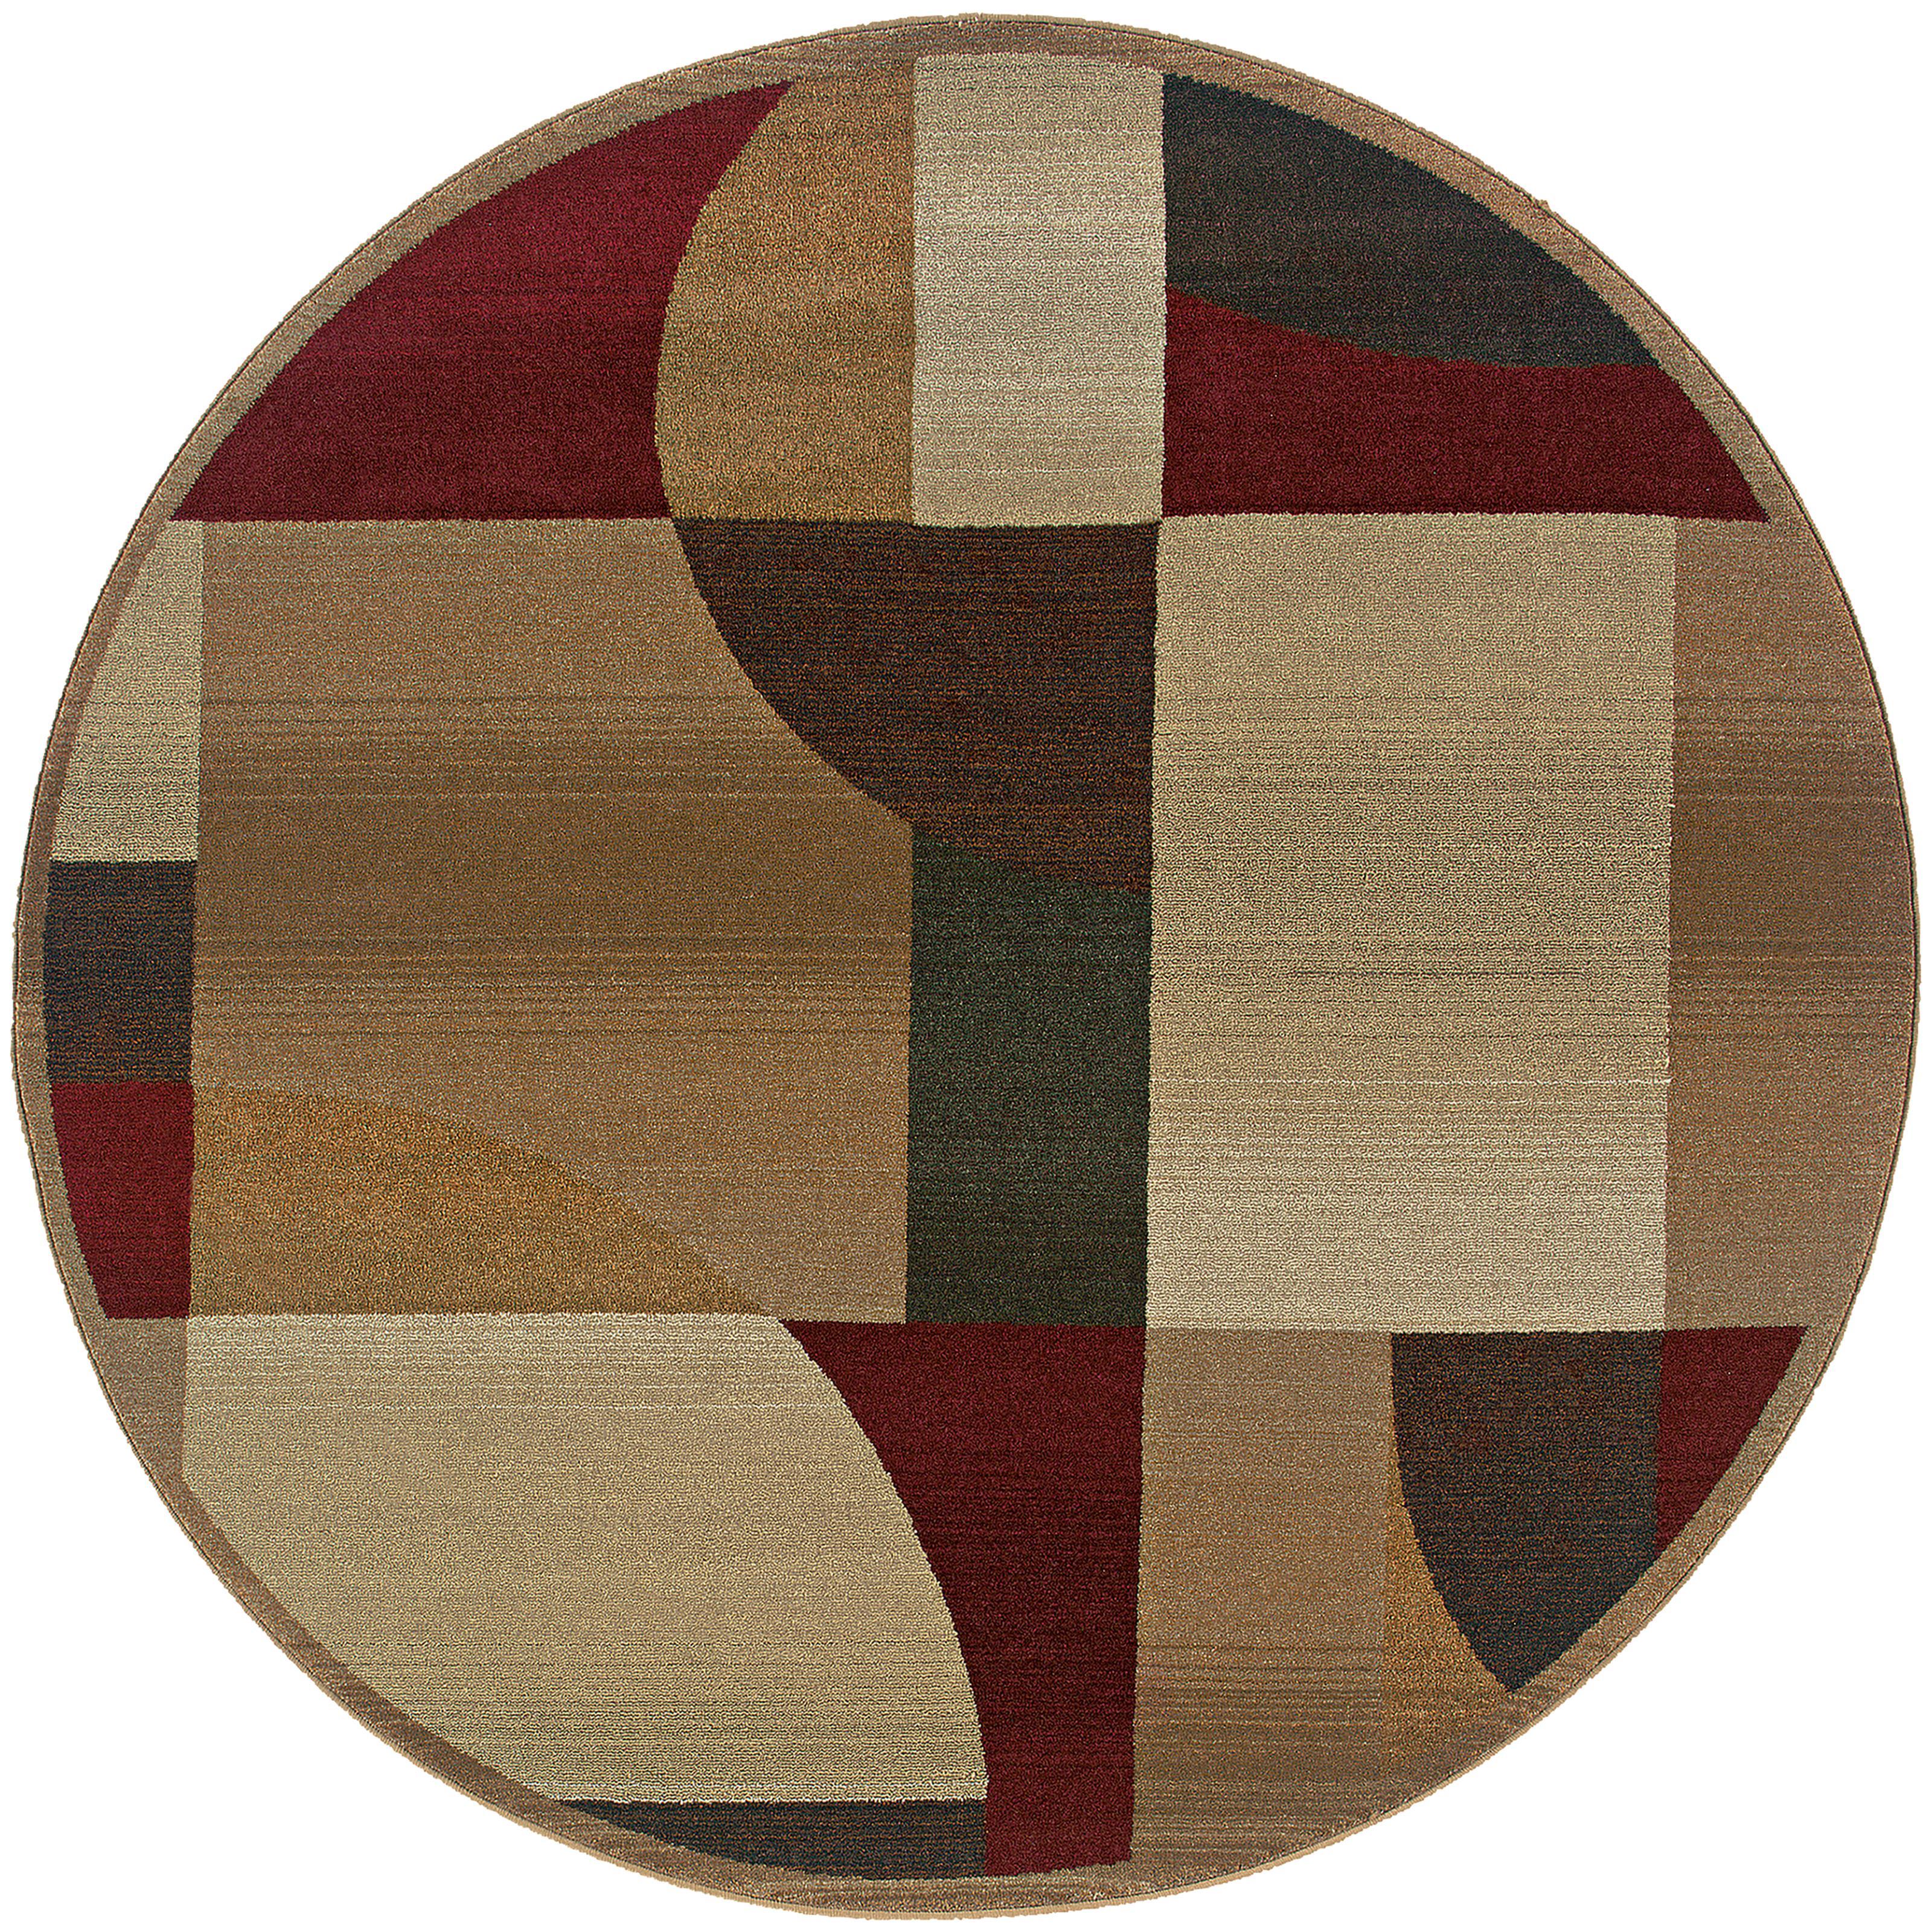 Oriental Weavers Genesis 8' Rug - Item Number: G5560D240240ST